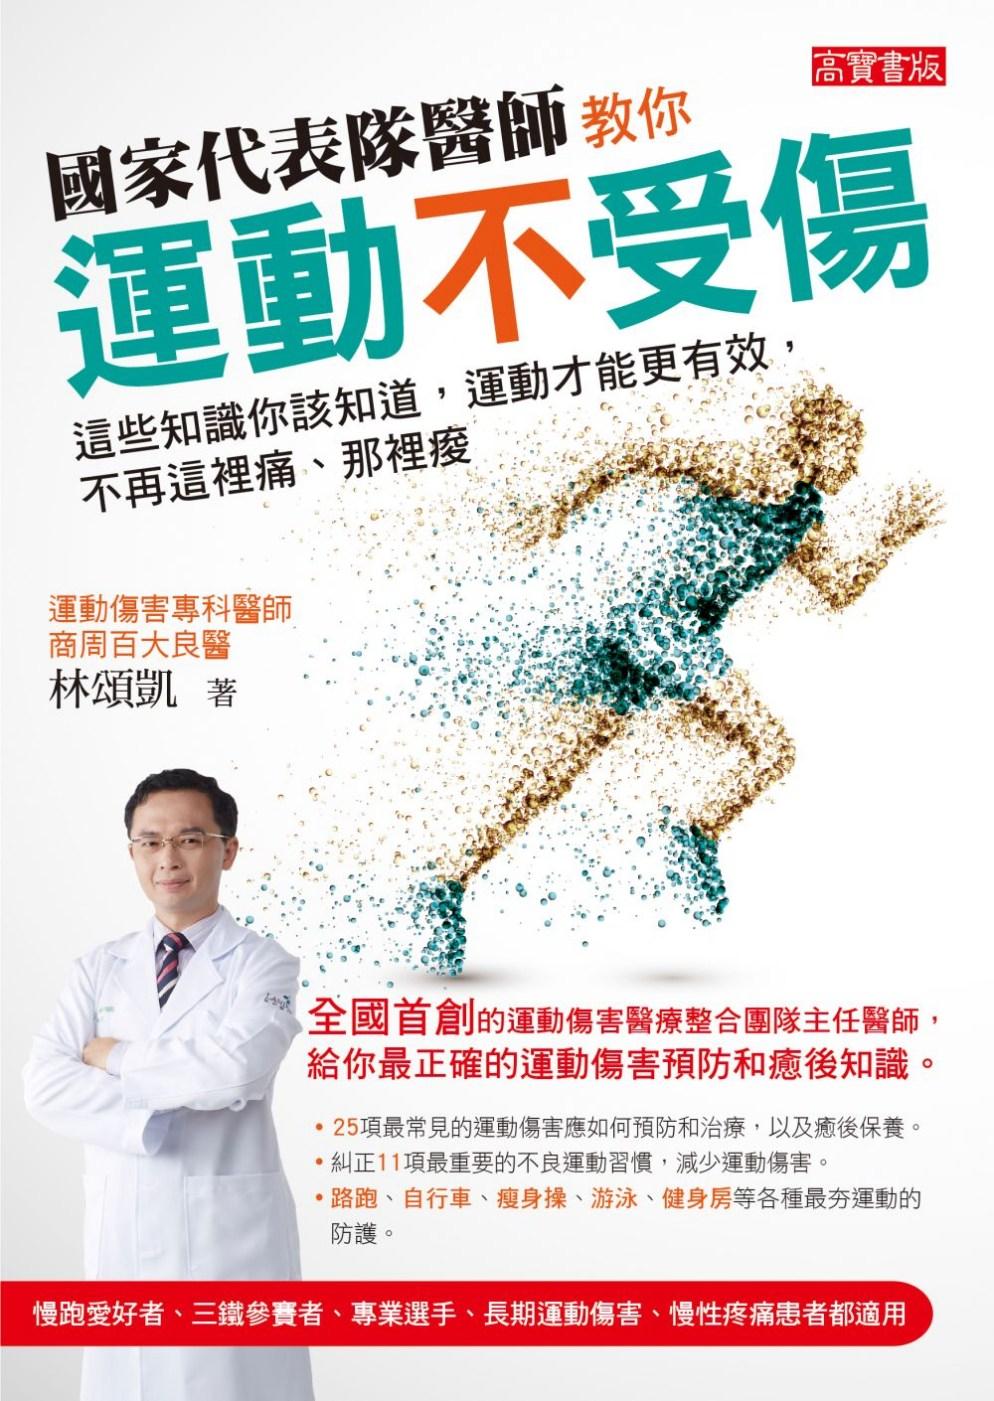 國家代表隊醫師教你運動不受傷:這些知識你該知道,運動才能更有效,不再這裡痛、那裡痠